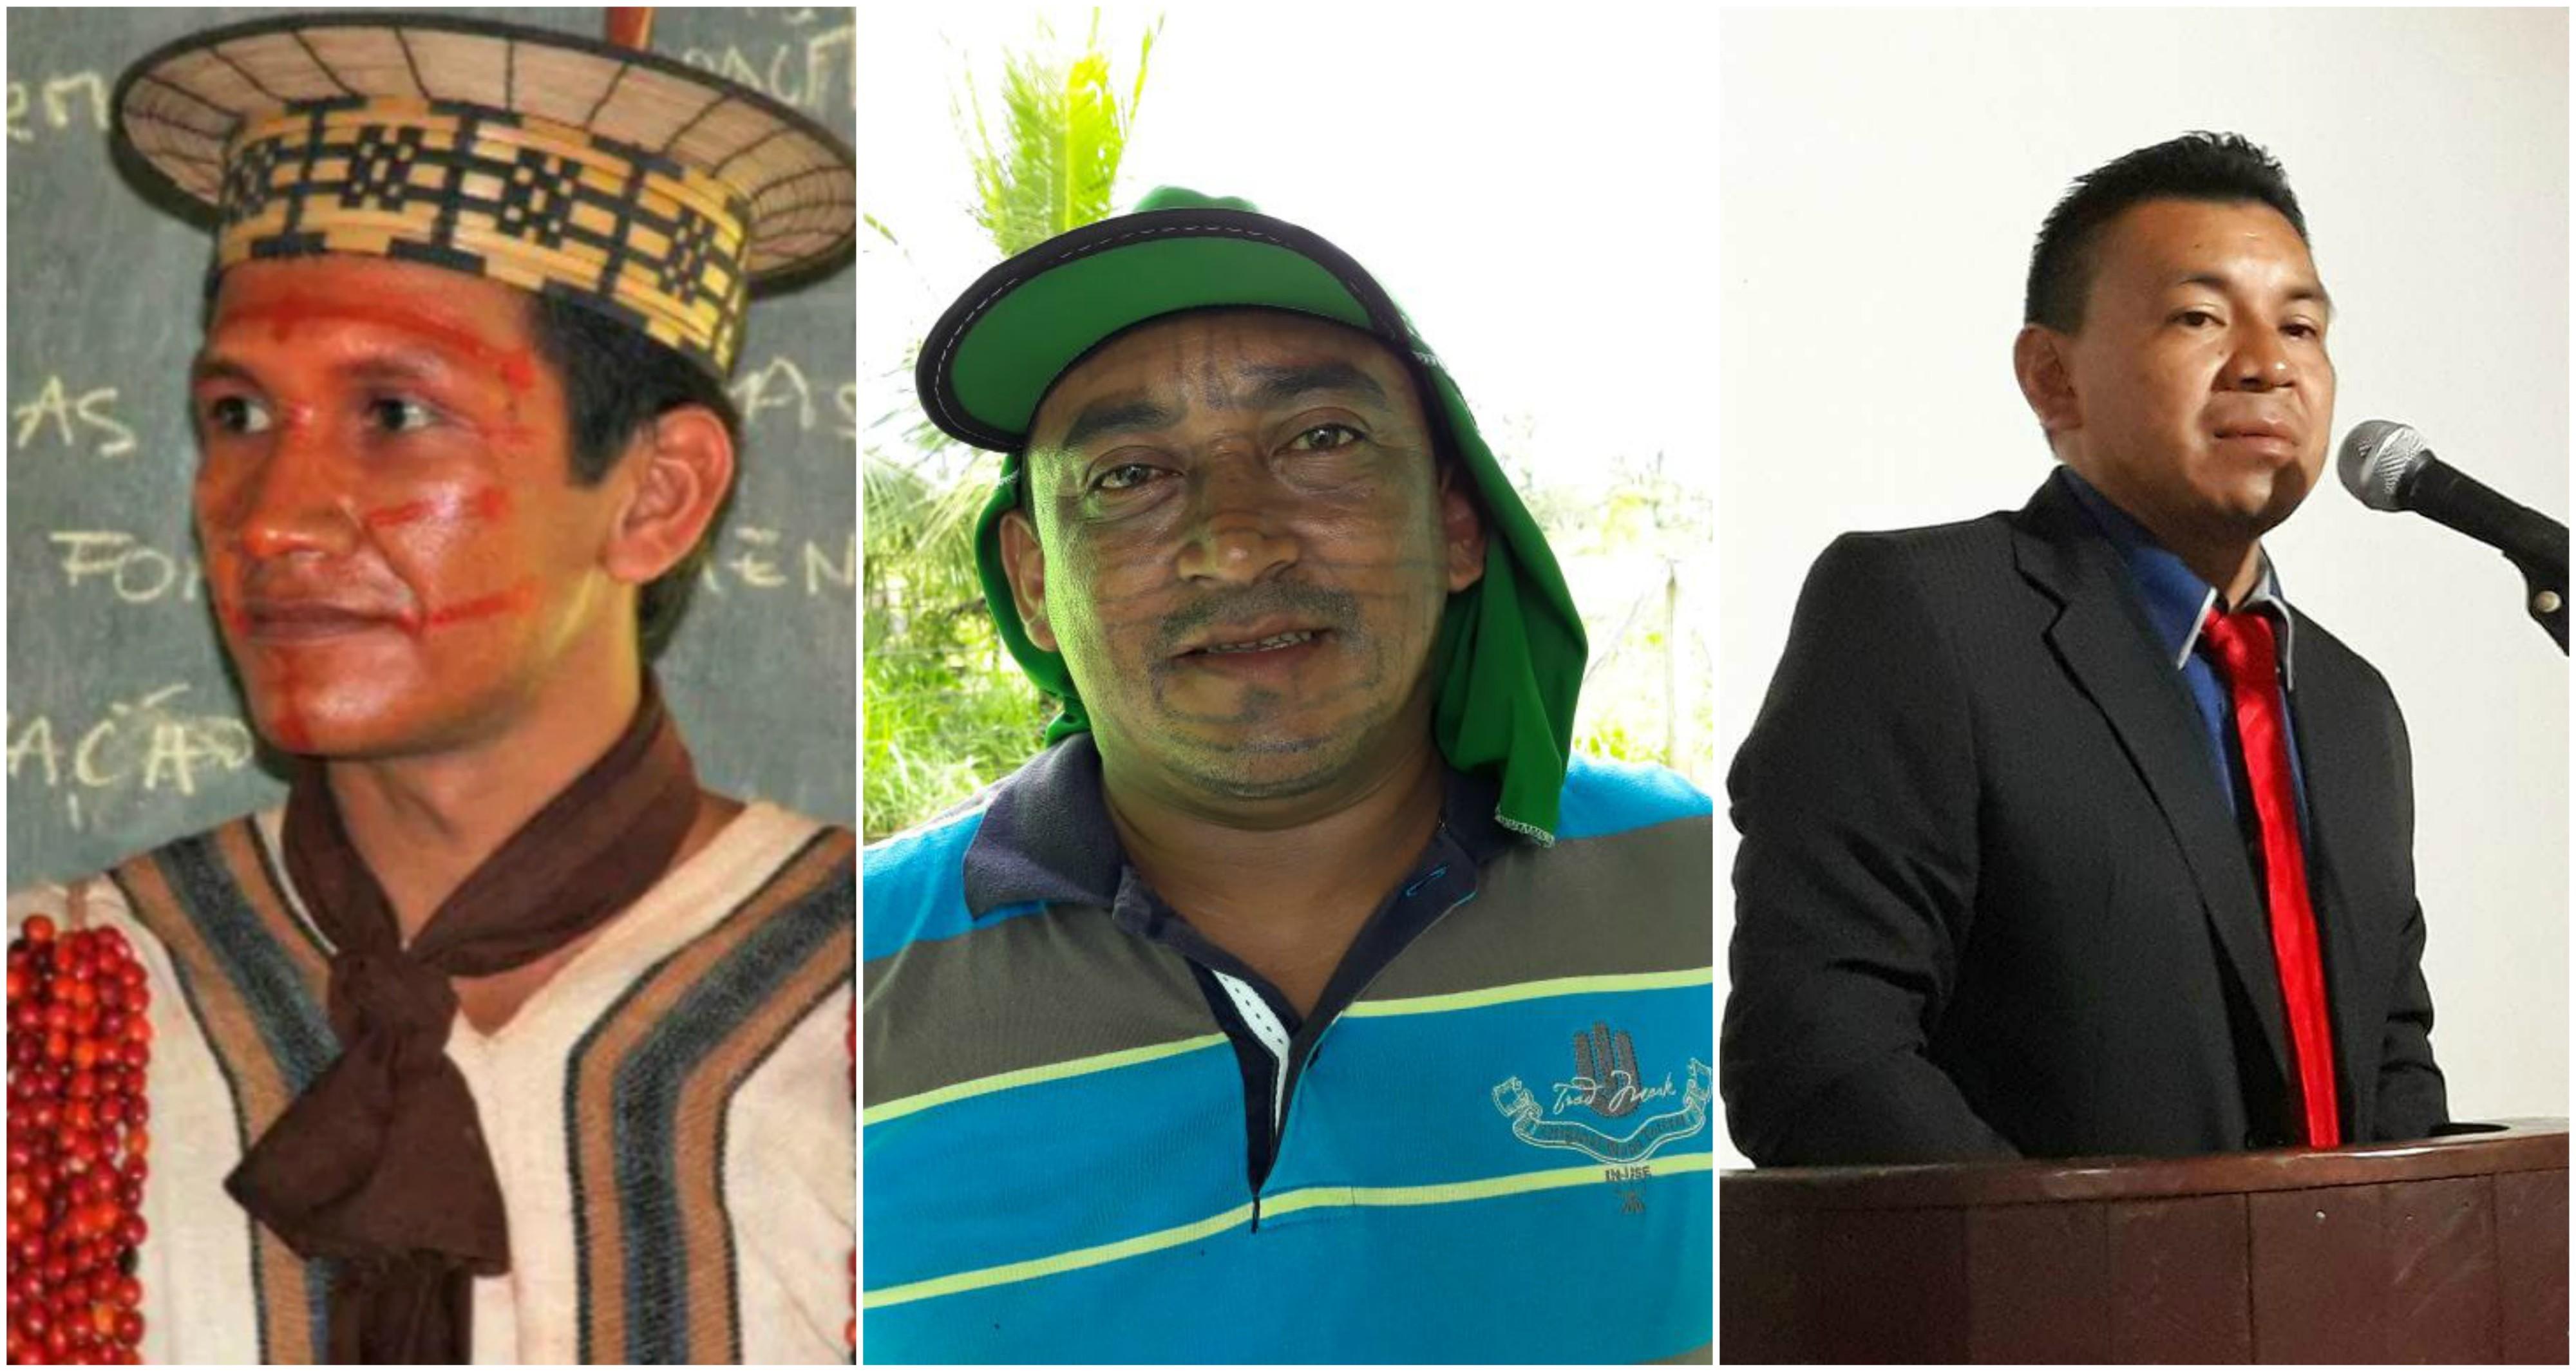 Políticos indígenas do Acre dizem sofrer preconceito racial: 'acham que índio é incapaz'